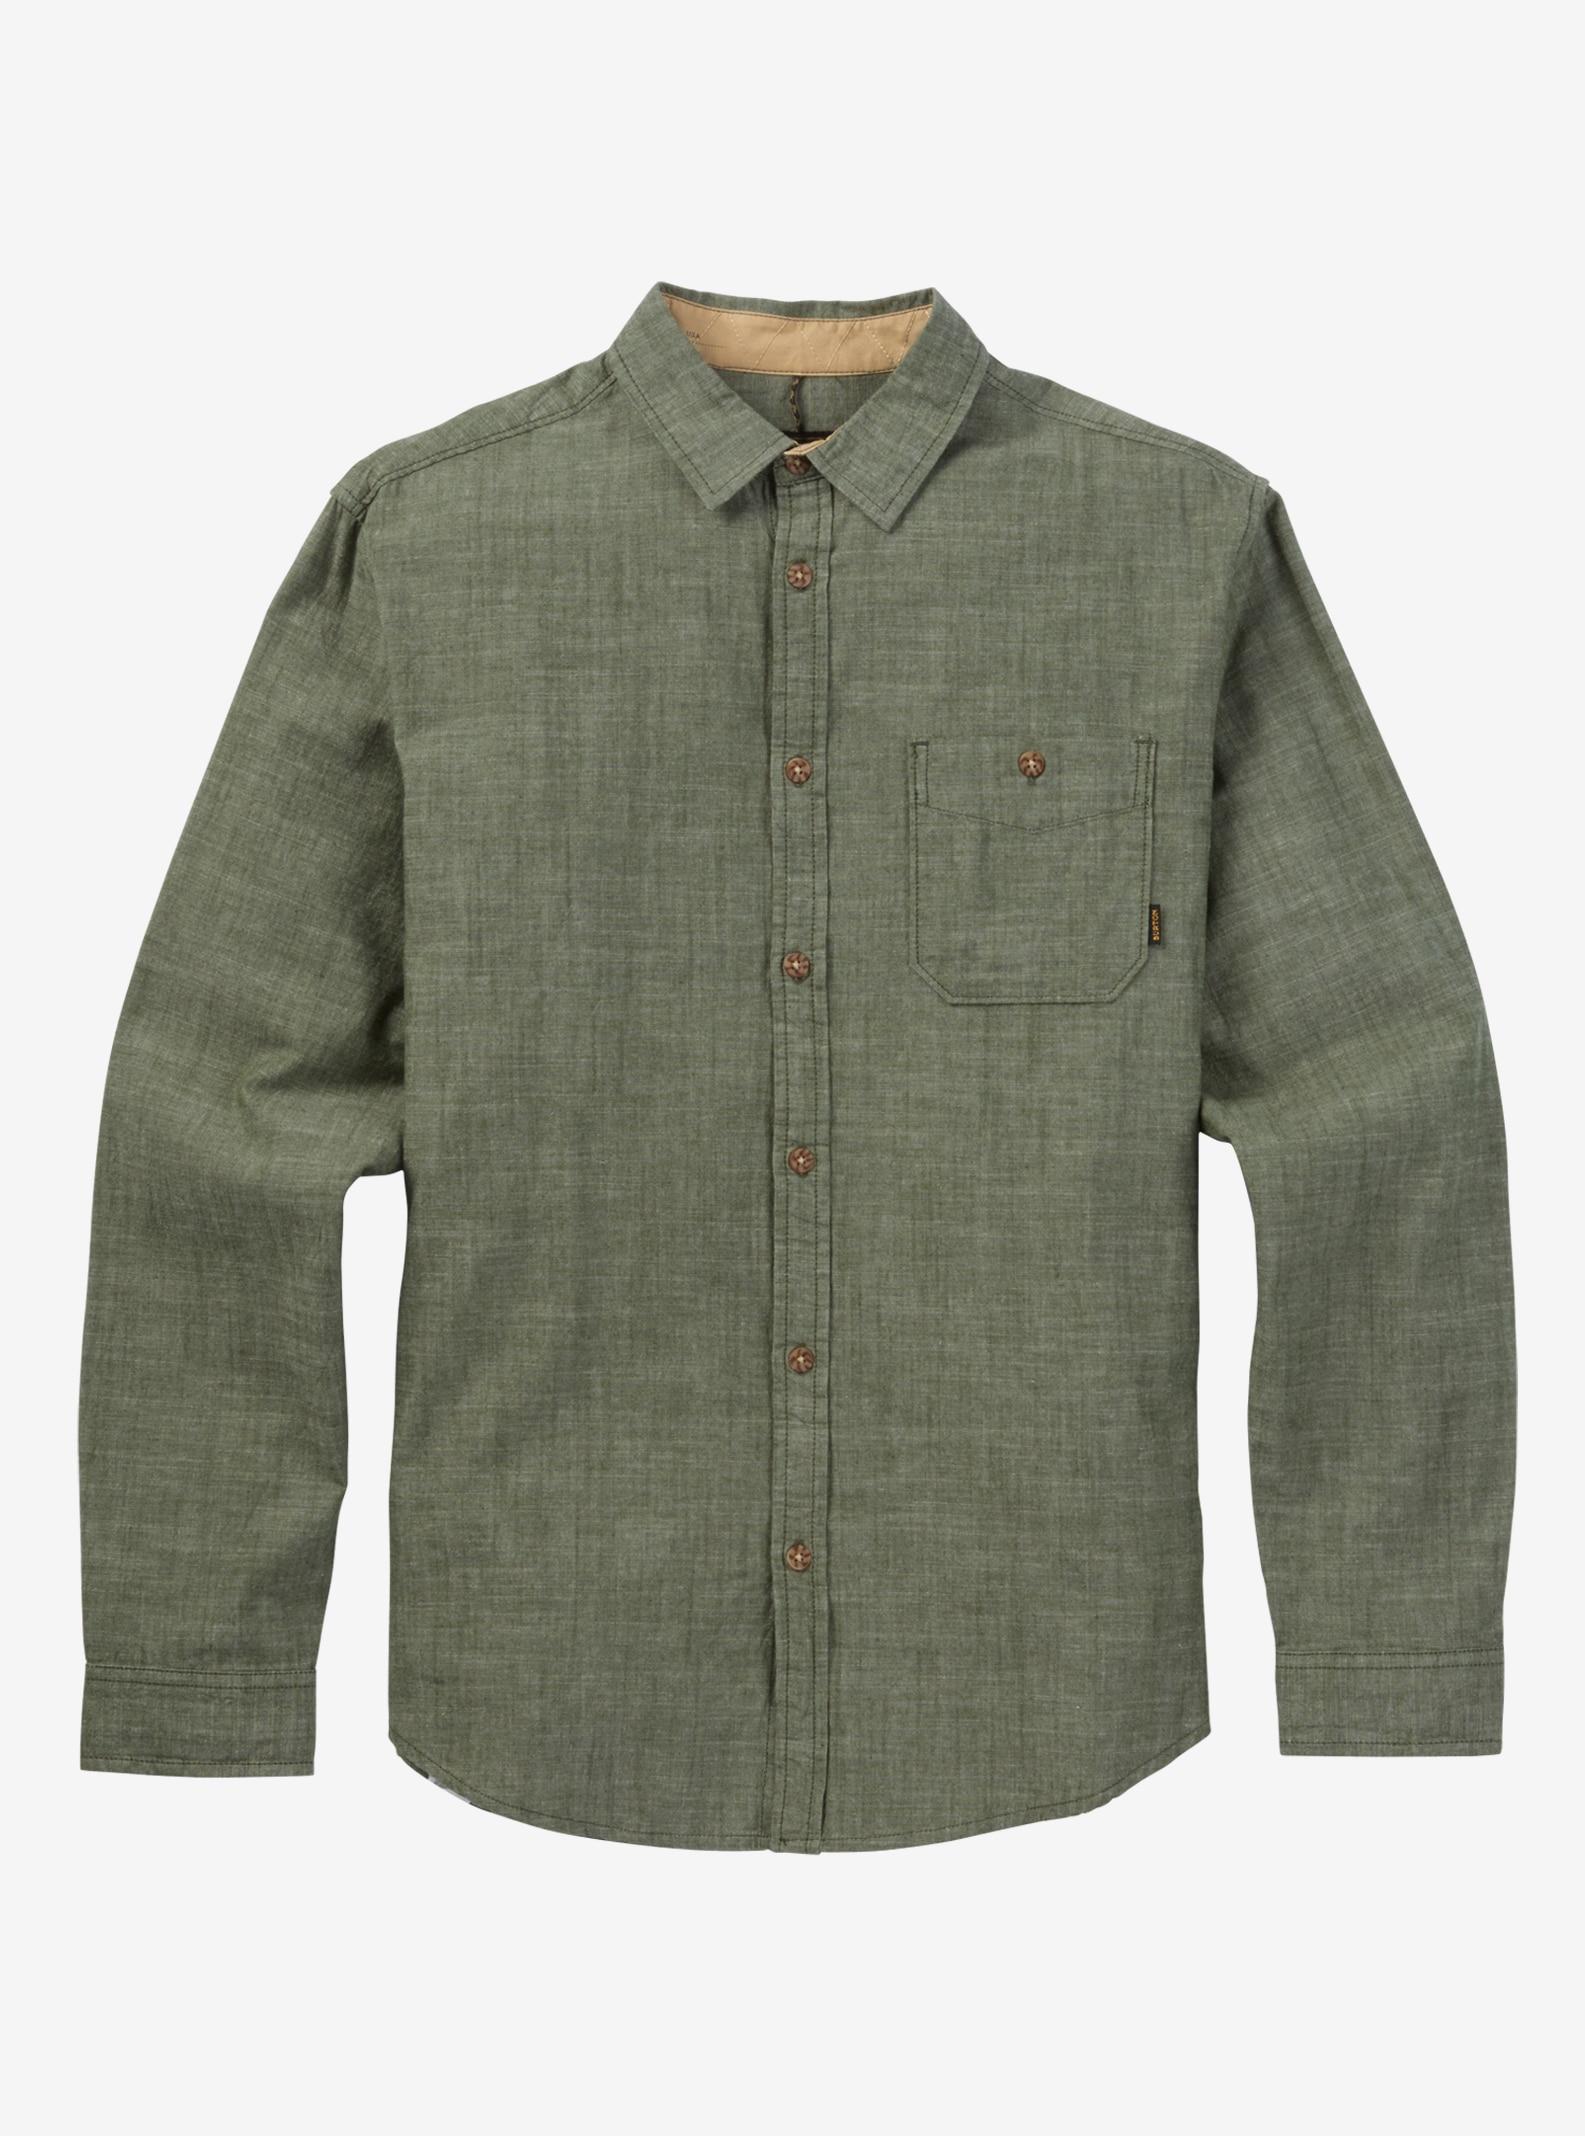 Burton Slayton Long Sleeve Shirt shown in Rifle Green